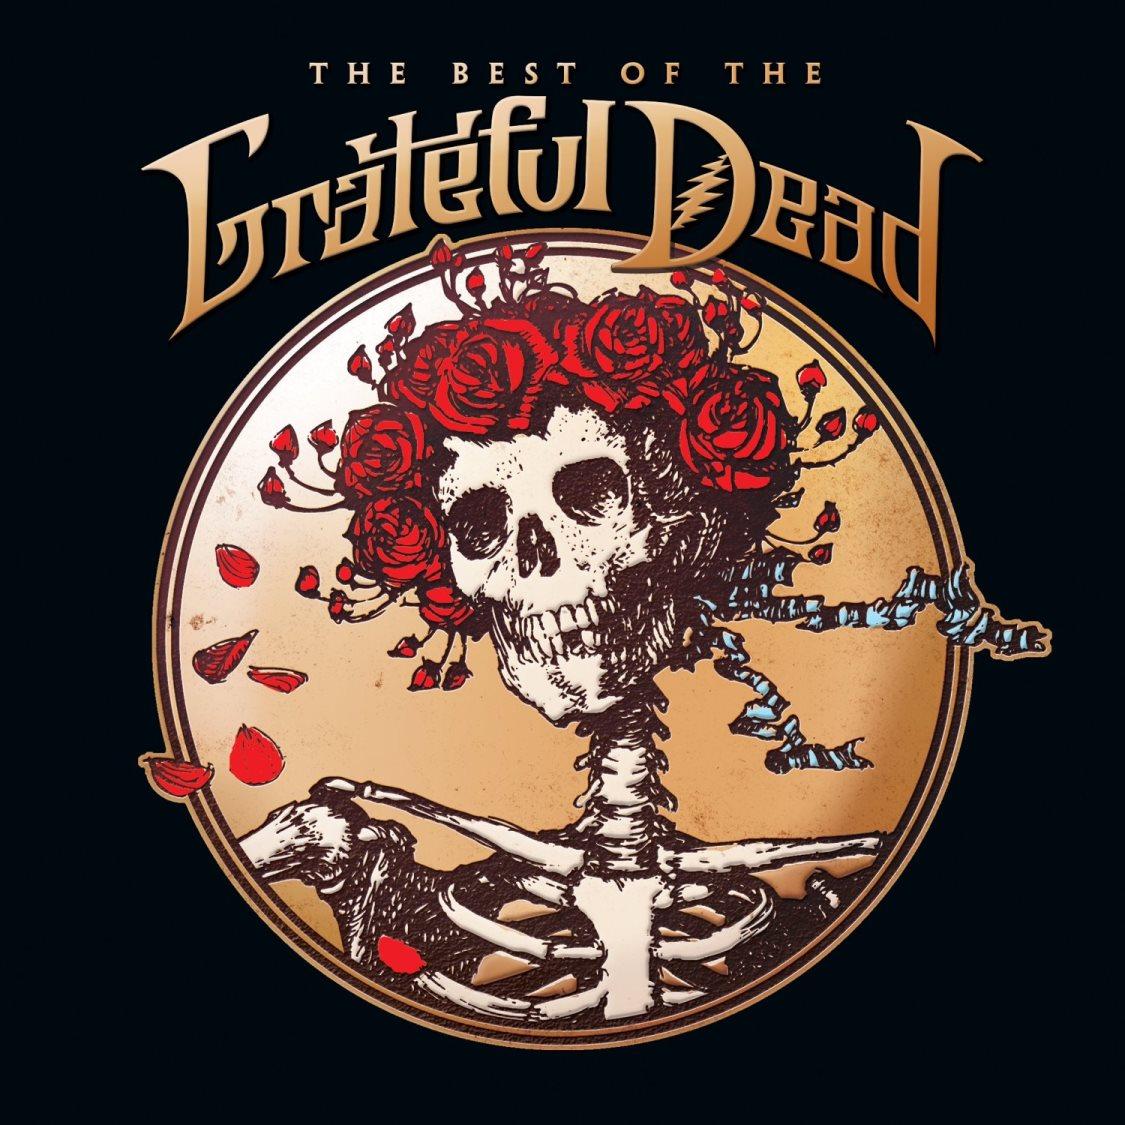 Best of Grateful Dead ...